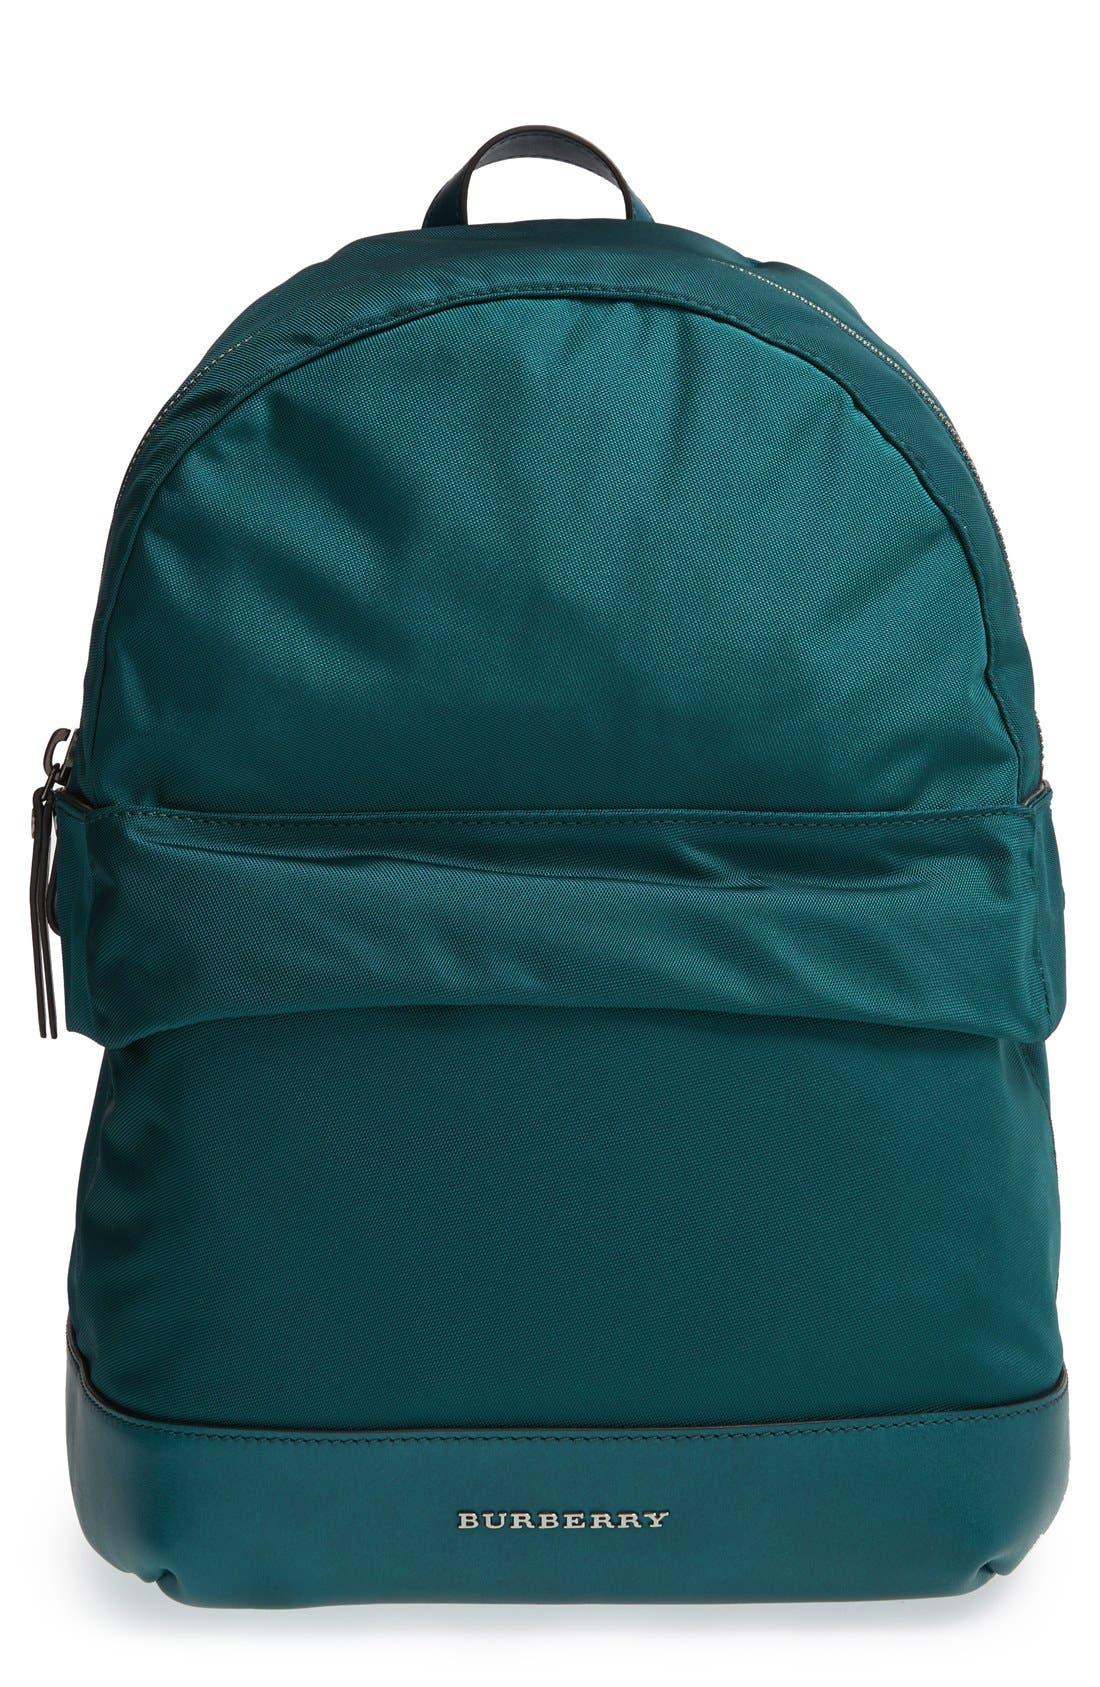 Main Image - Burberry 'Tiller' Nylon & Leather Backpack (Kids)